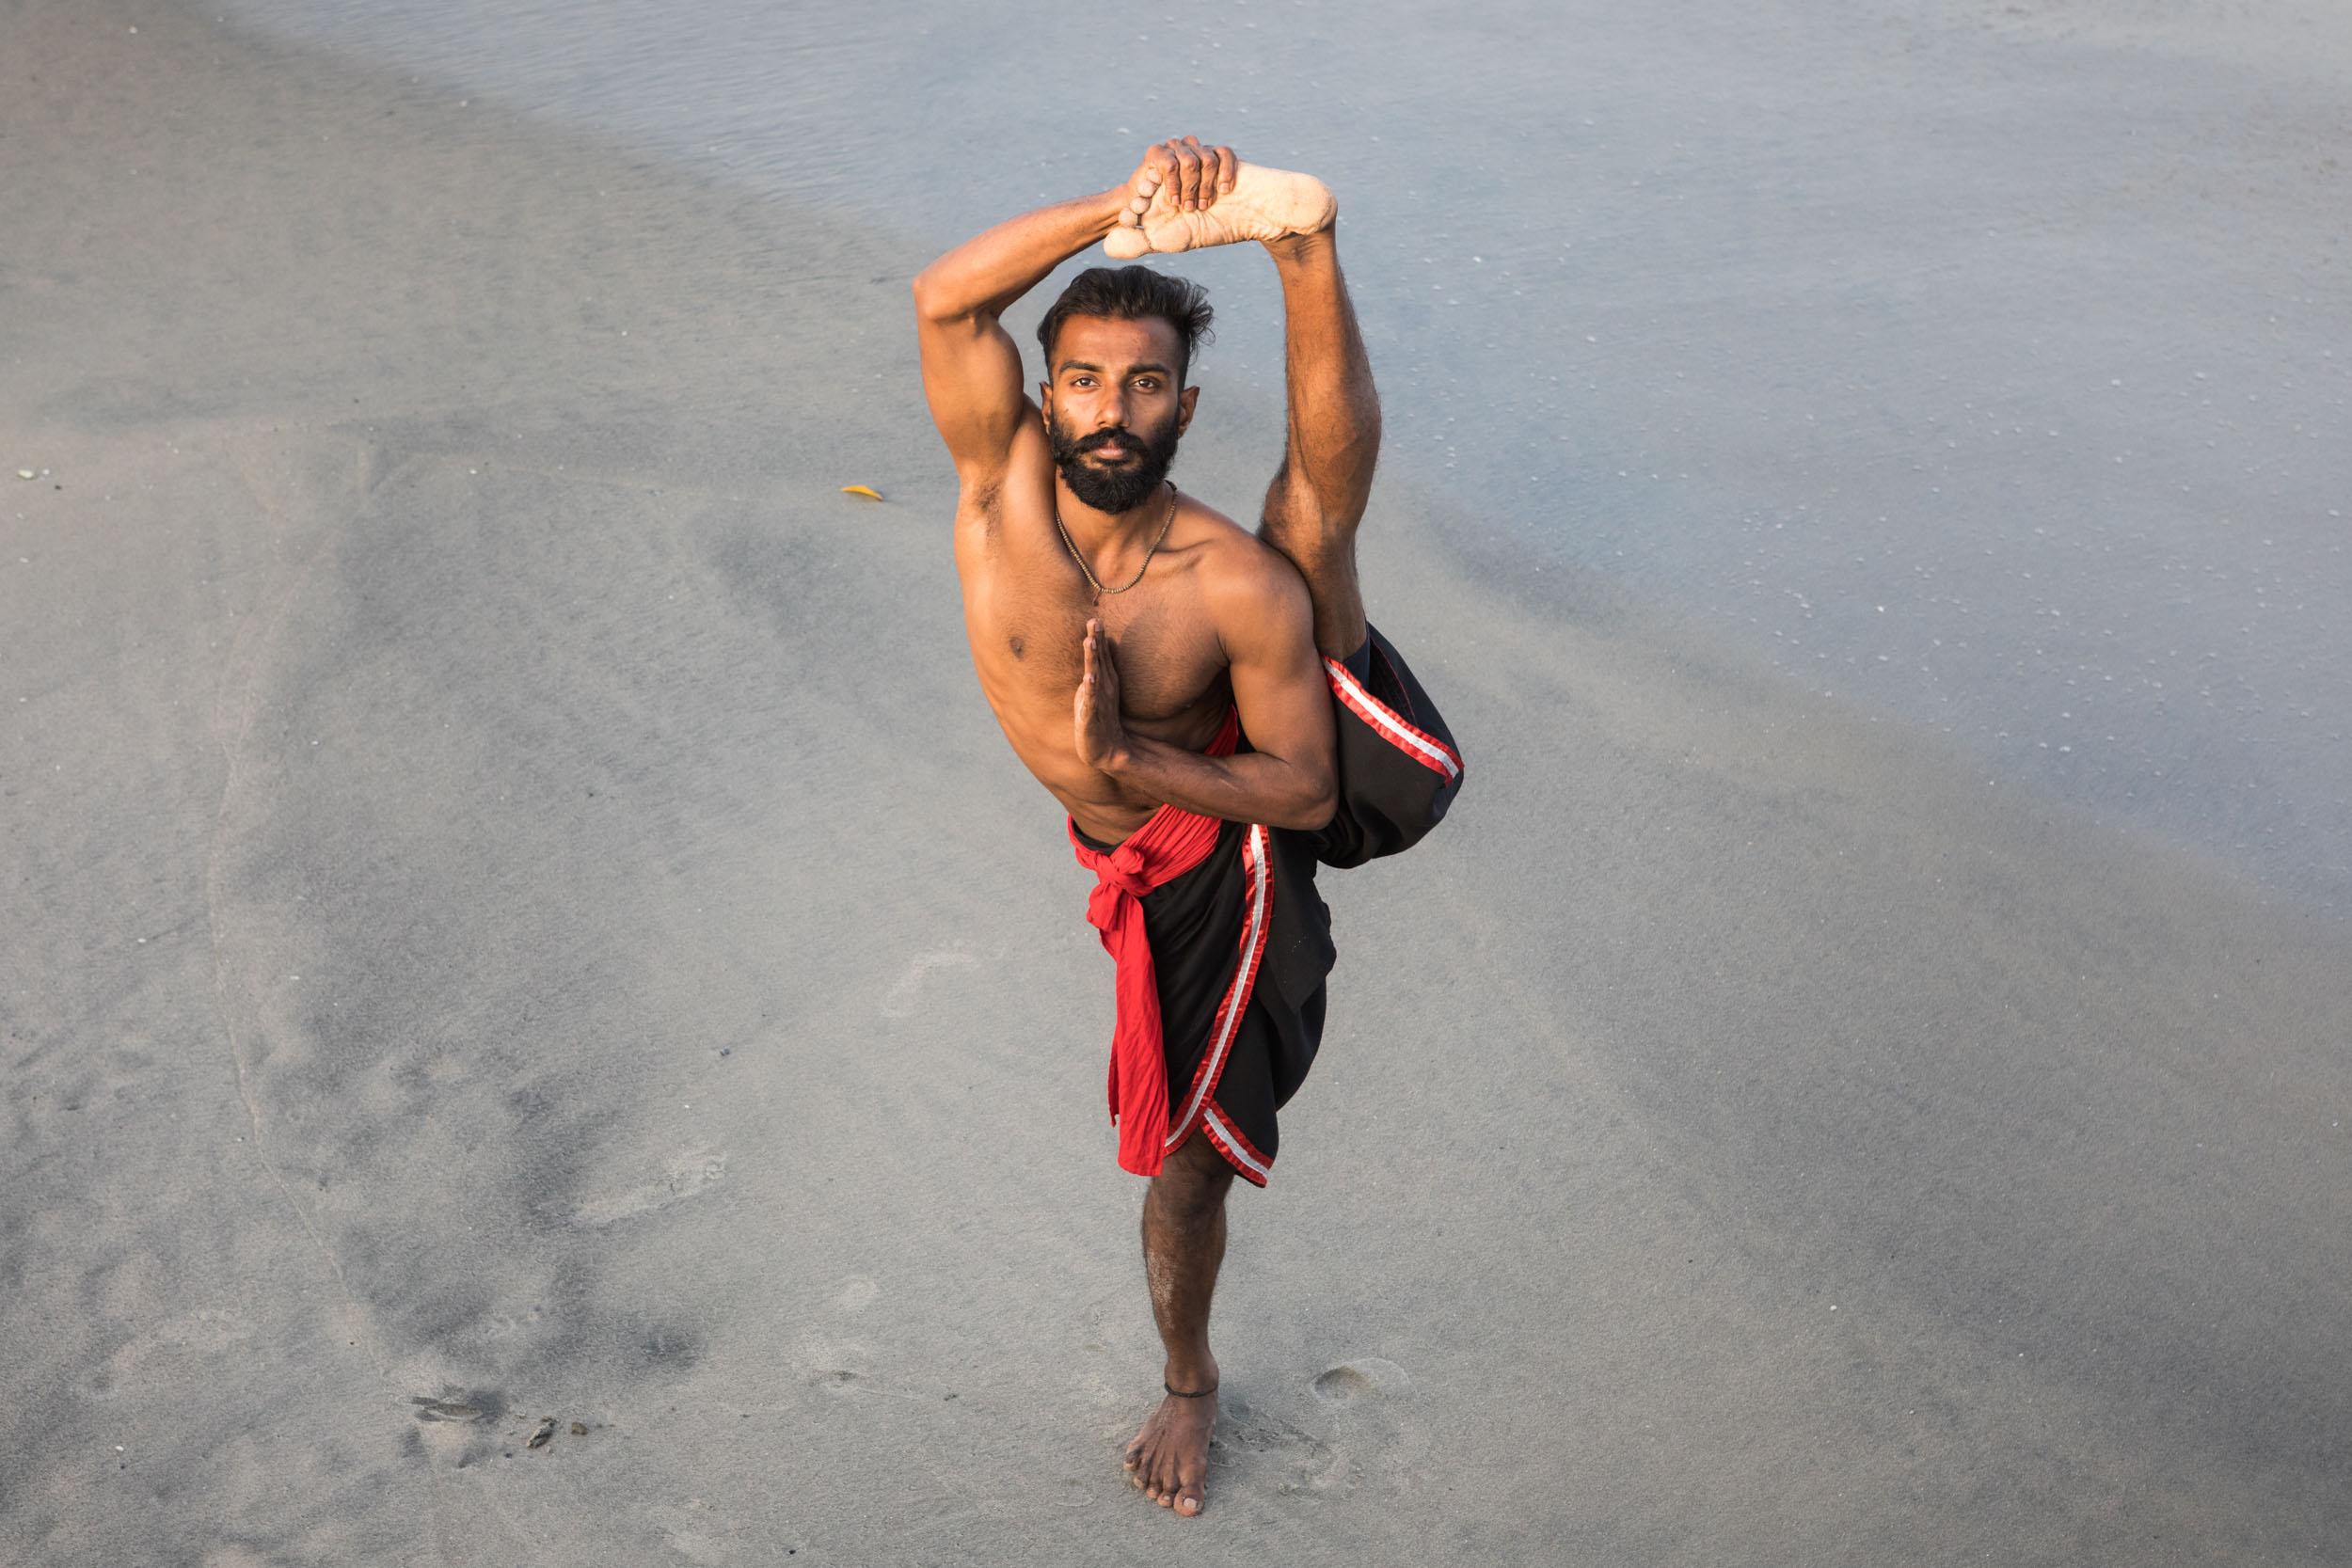 Giuliano-Berti-Kalaripayattu-Kerala-India-2.jpg